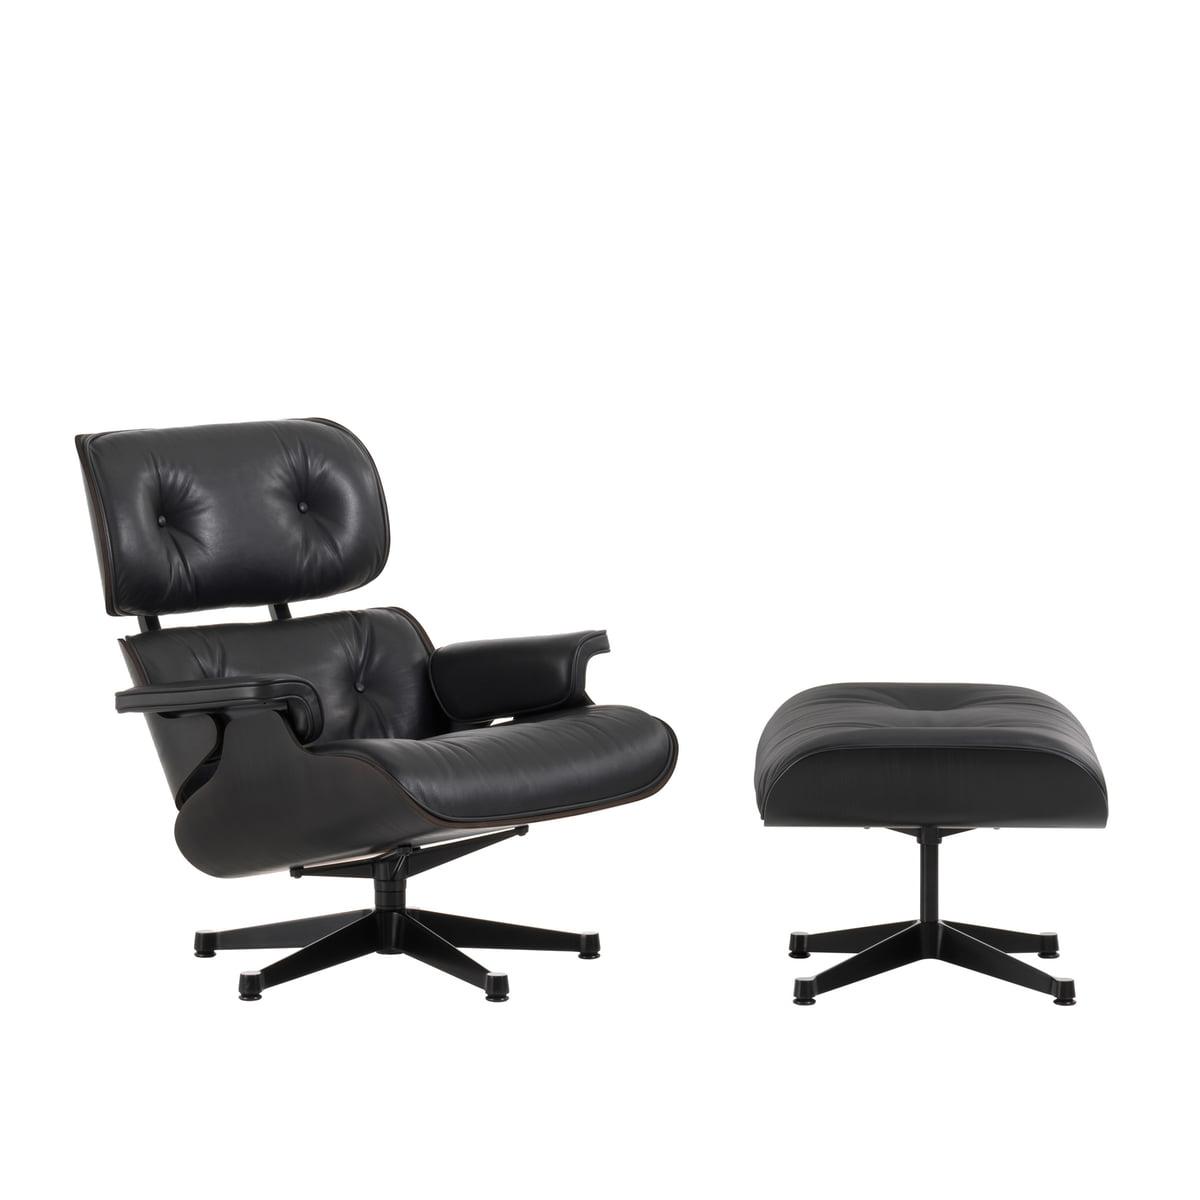 Lounge Chair & Ottoman, schwarz / schwarz, Esche schwarz, Filzgleiter (neue Maße)